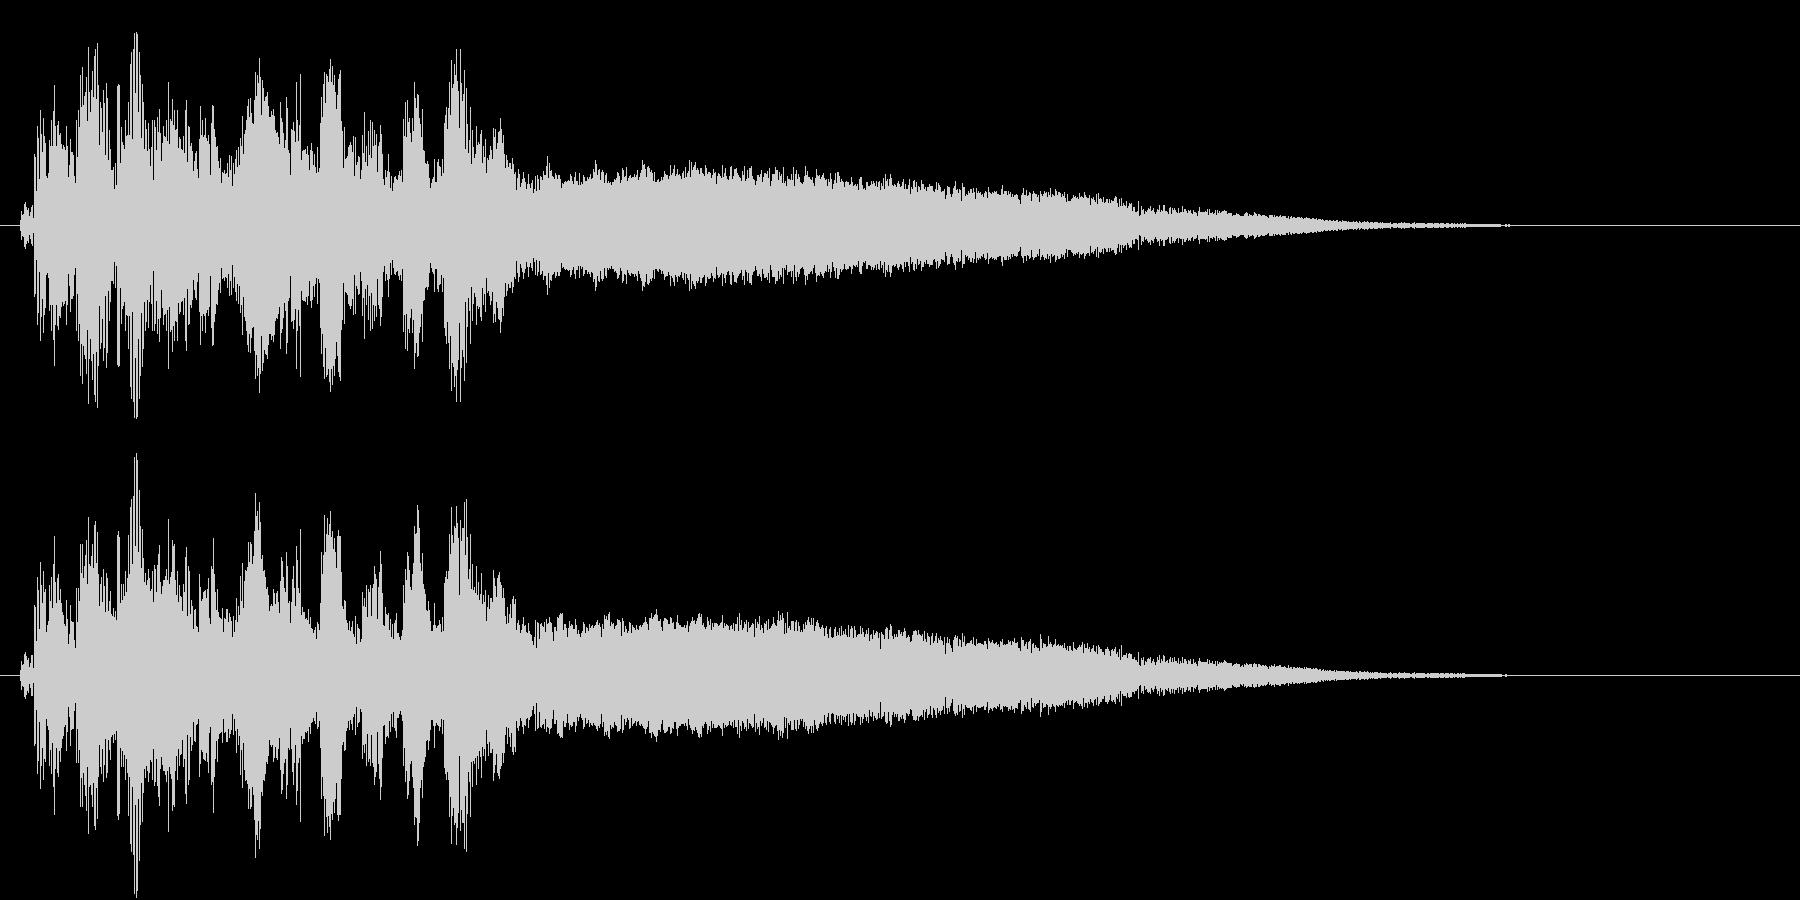 近未来の機械の始動するときの音の未再生の波形